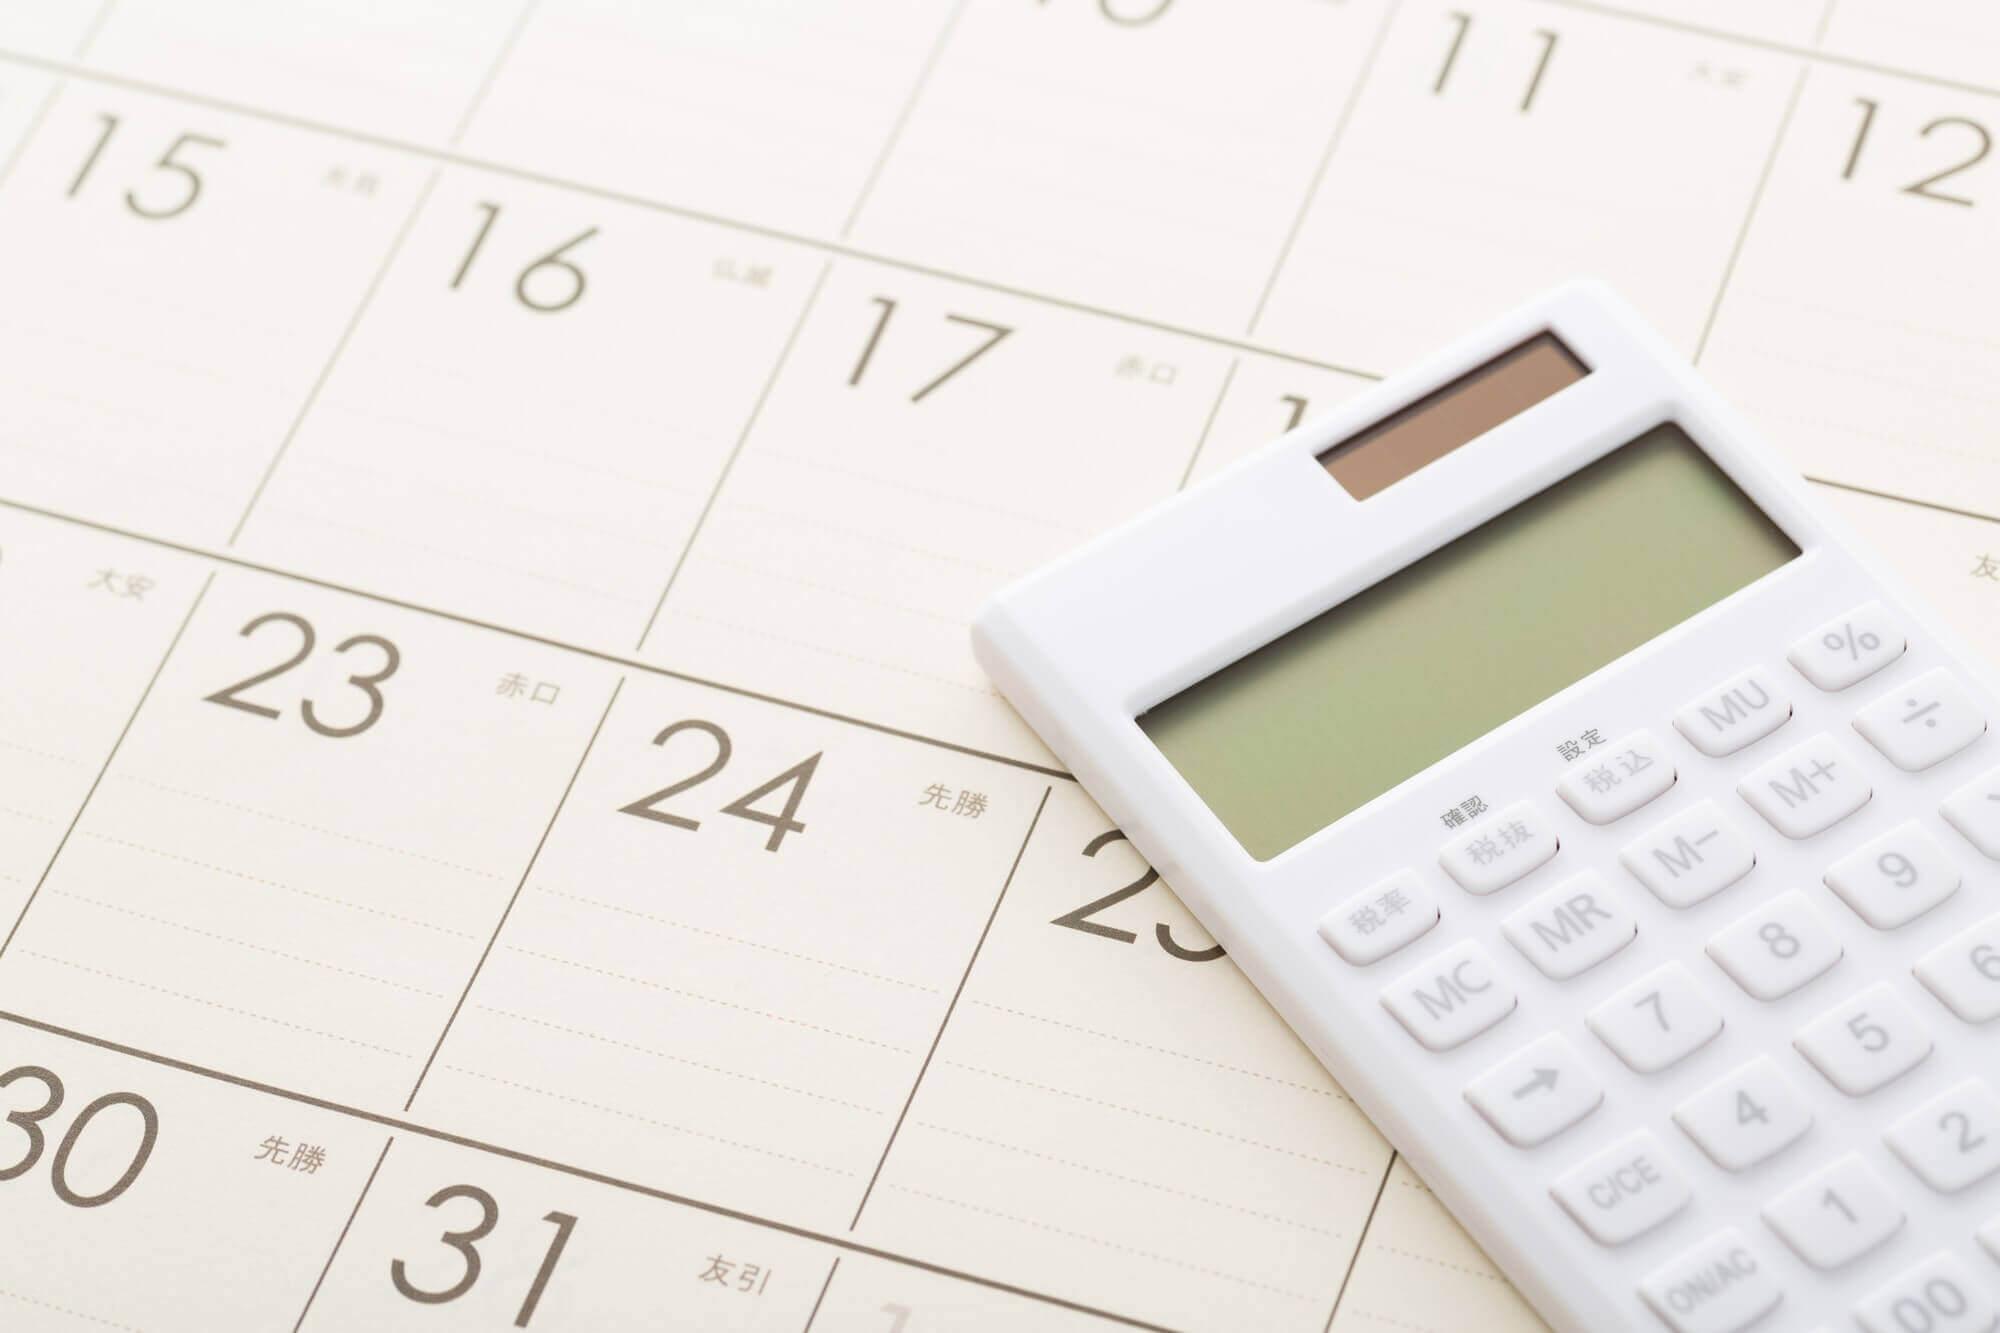 マンション 固定 資産 税 計算